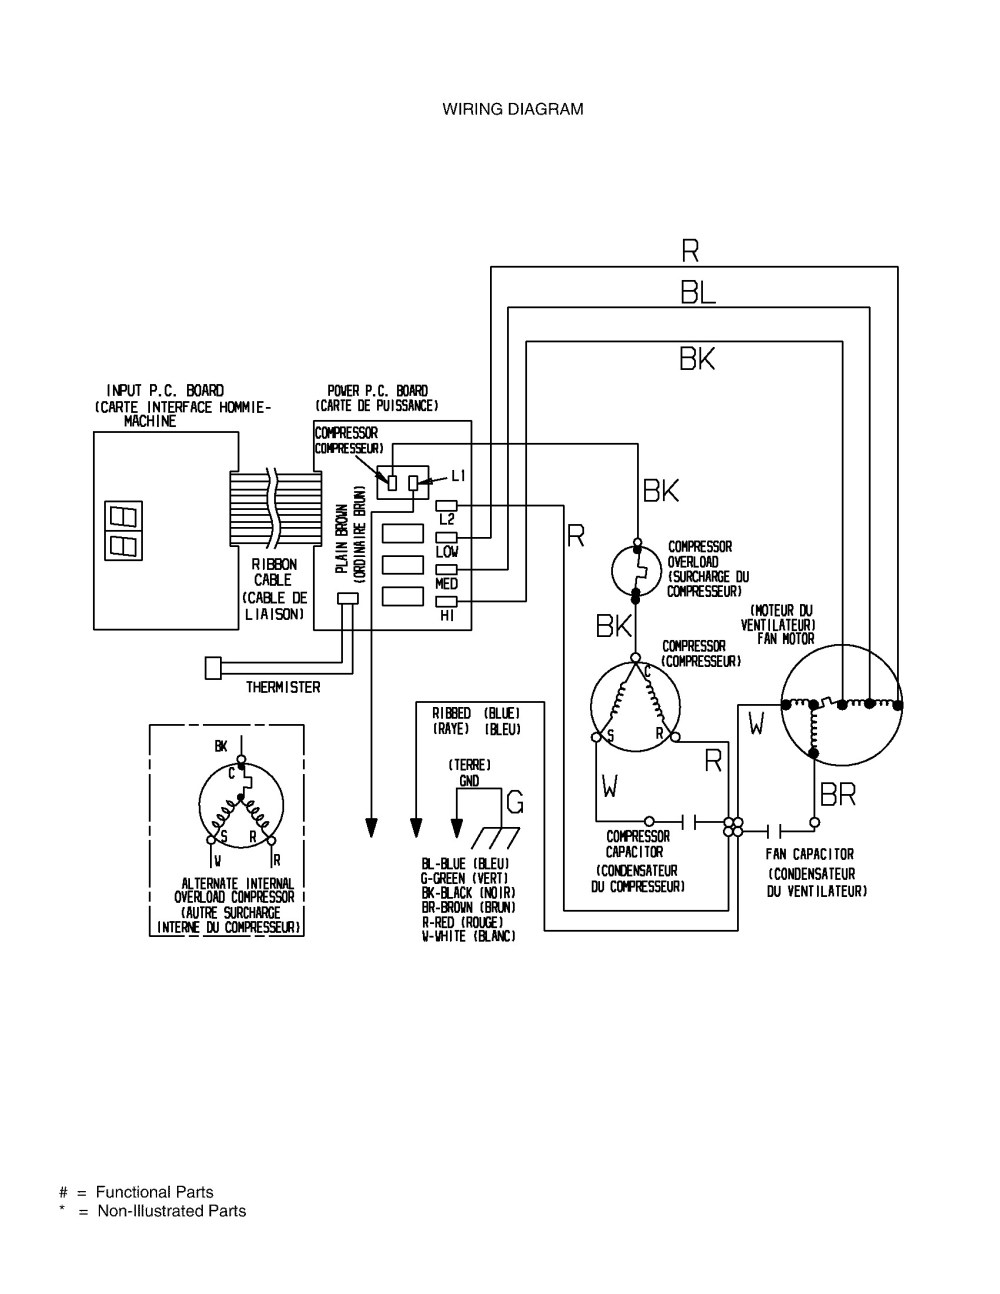 medium resolution of wrg 1374 xe 1200 fan motor wiring diagram bunch ideas wiring diagram trane split system